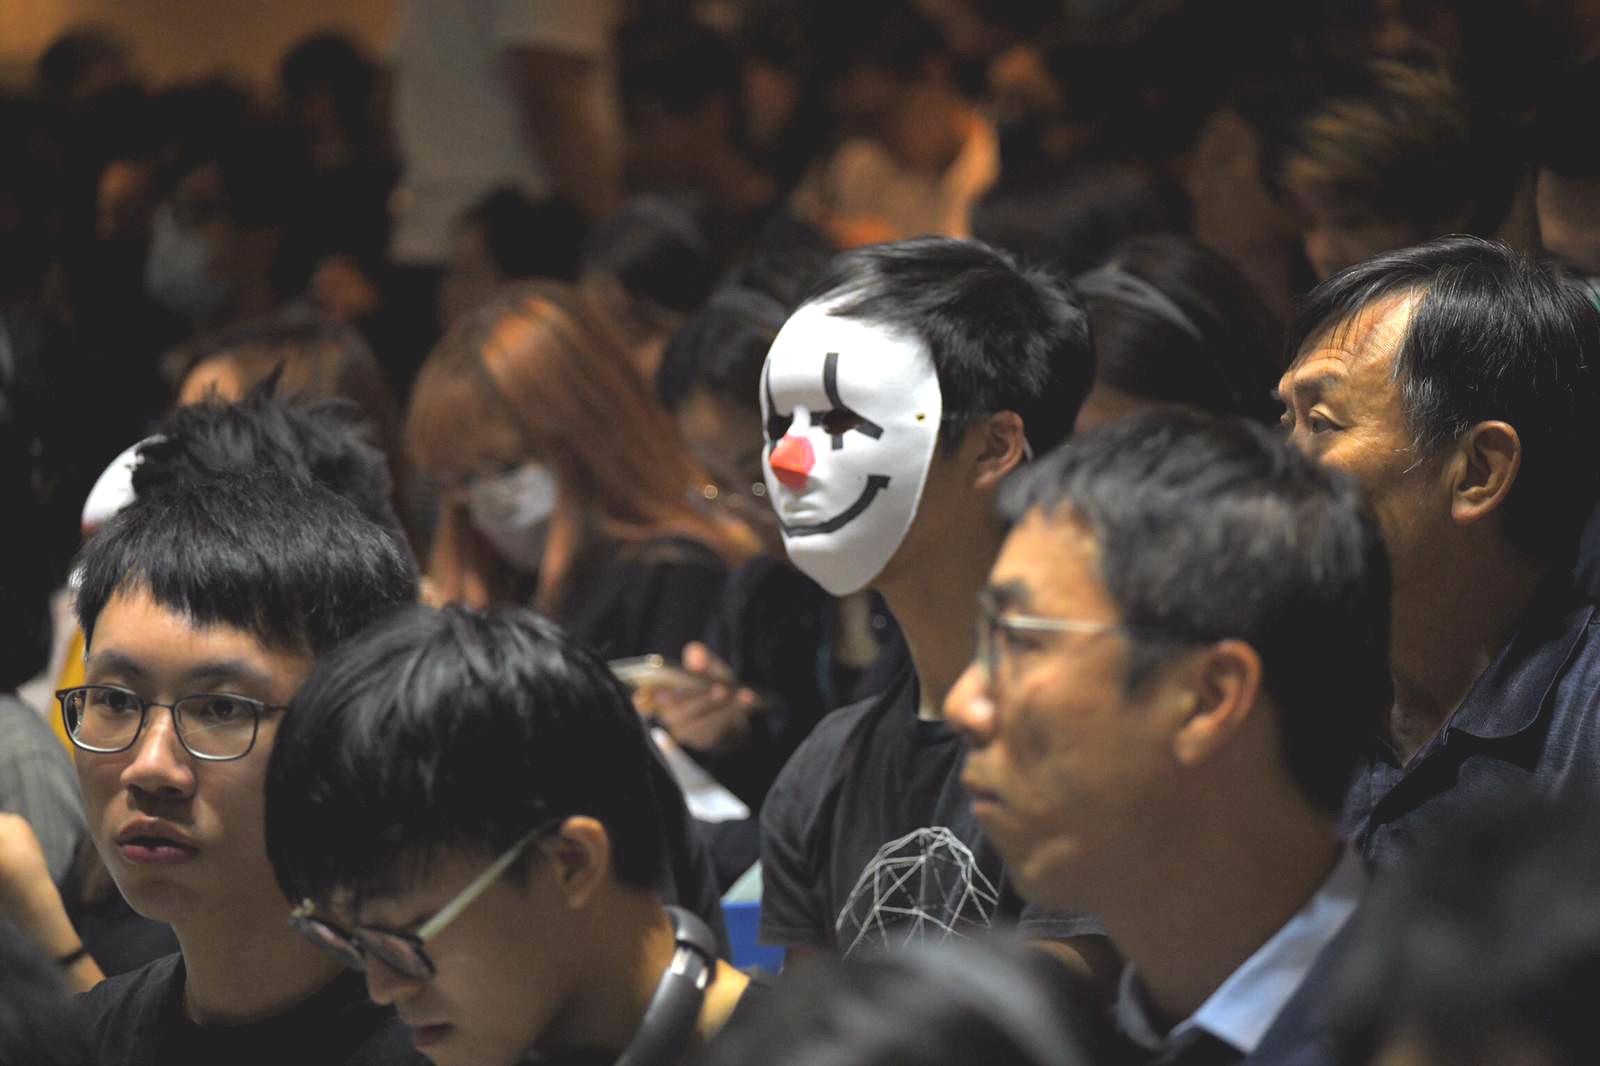 有部分學生戴上口罩或面罩